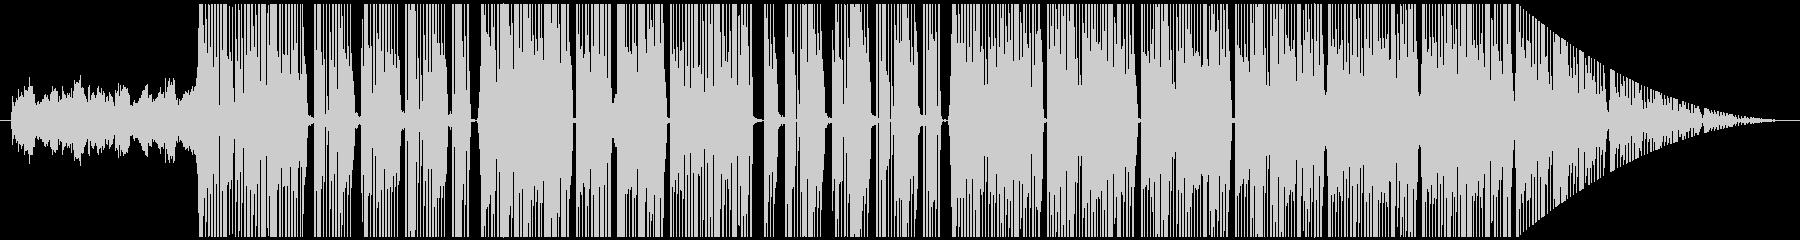 不気味で金を主張するtrap beatの未再生の波形